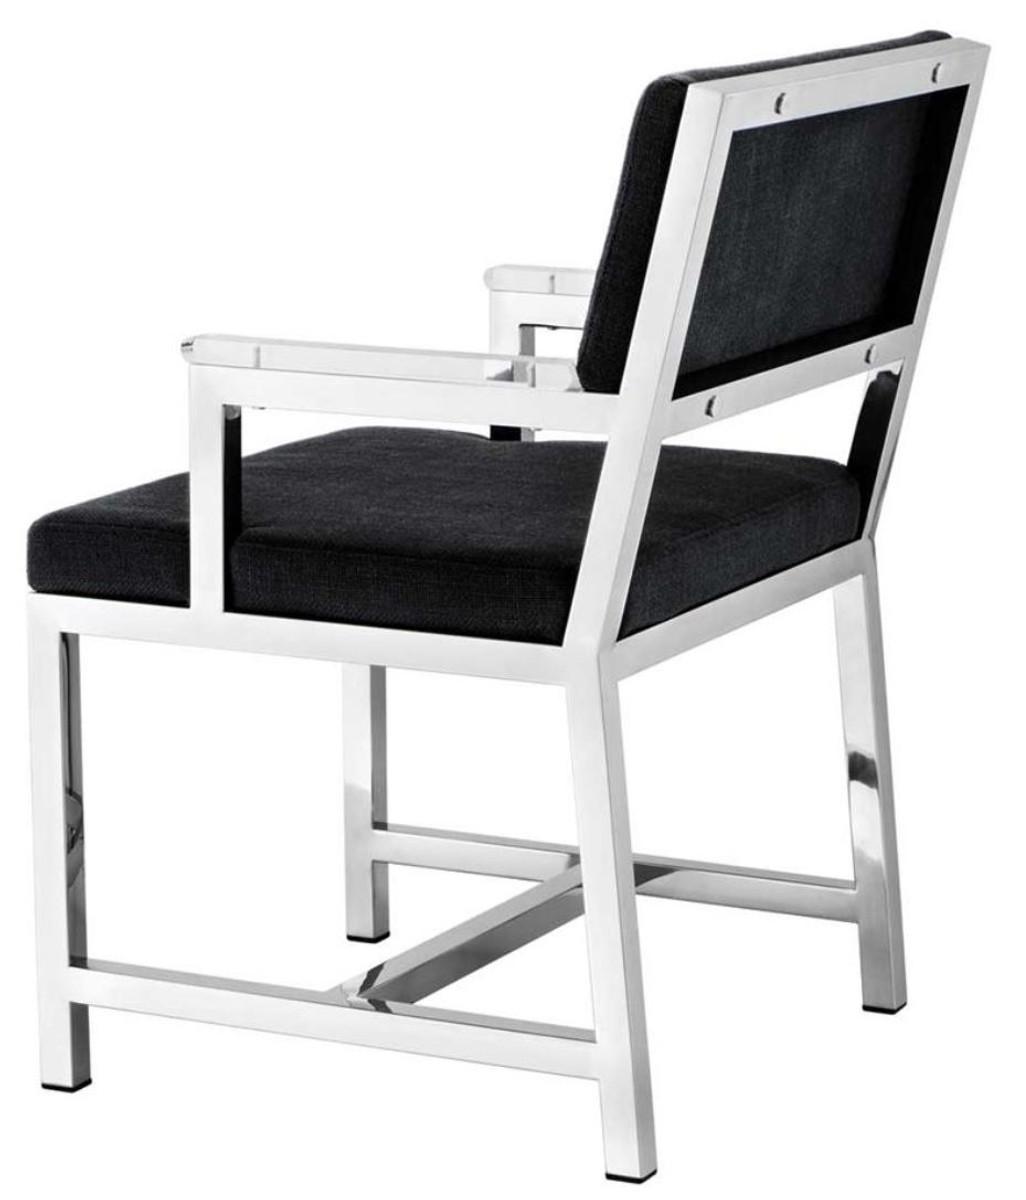 Casa Padrino Designer Stuhl mit Armlehnen 55 x 59 x H. 82 cm - Luxus Büromöbel 3